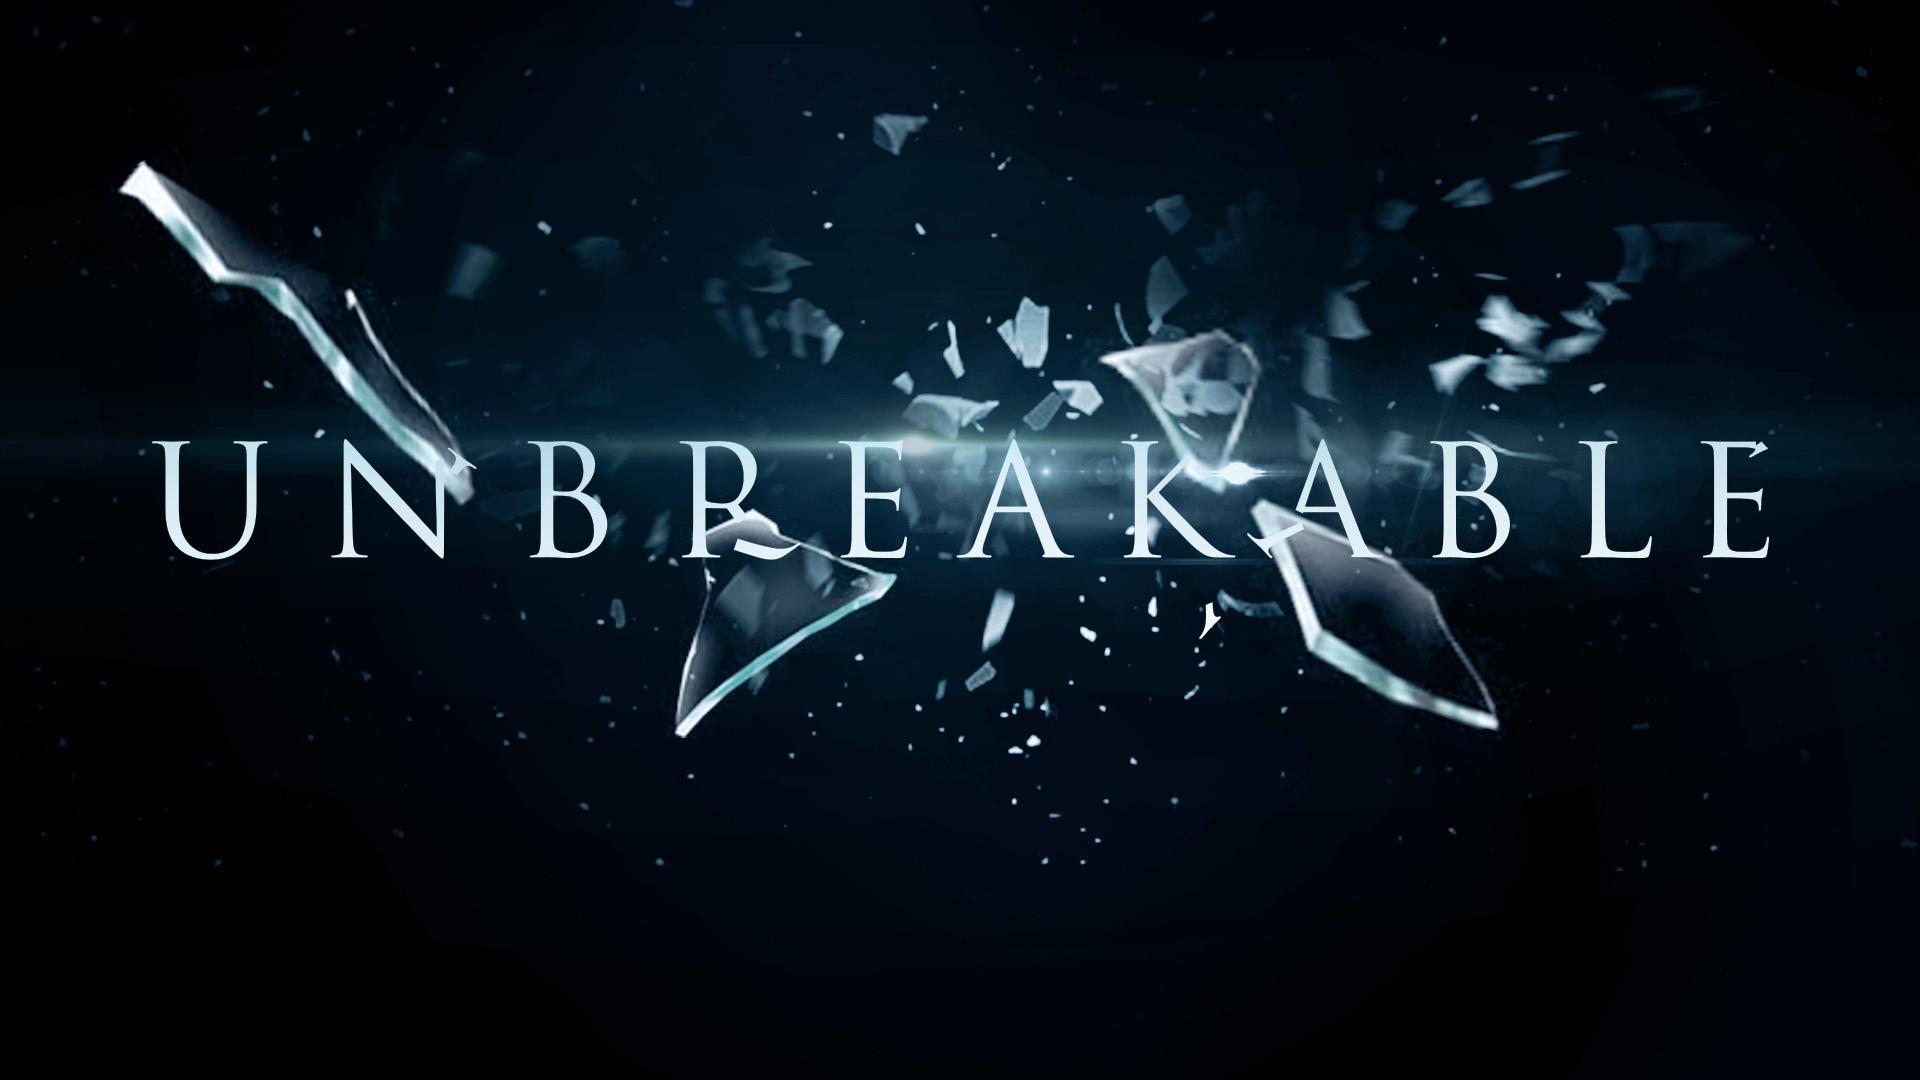 Unbreakable / A sebezhetetlen (2000)